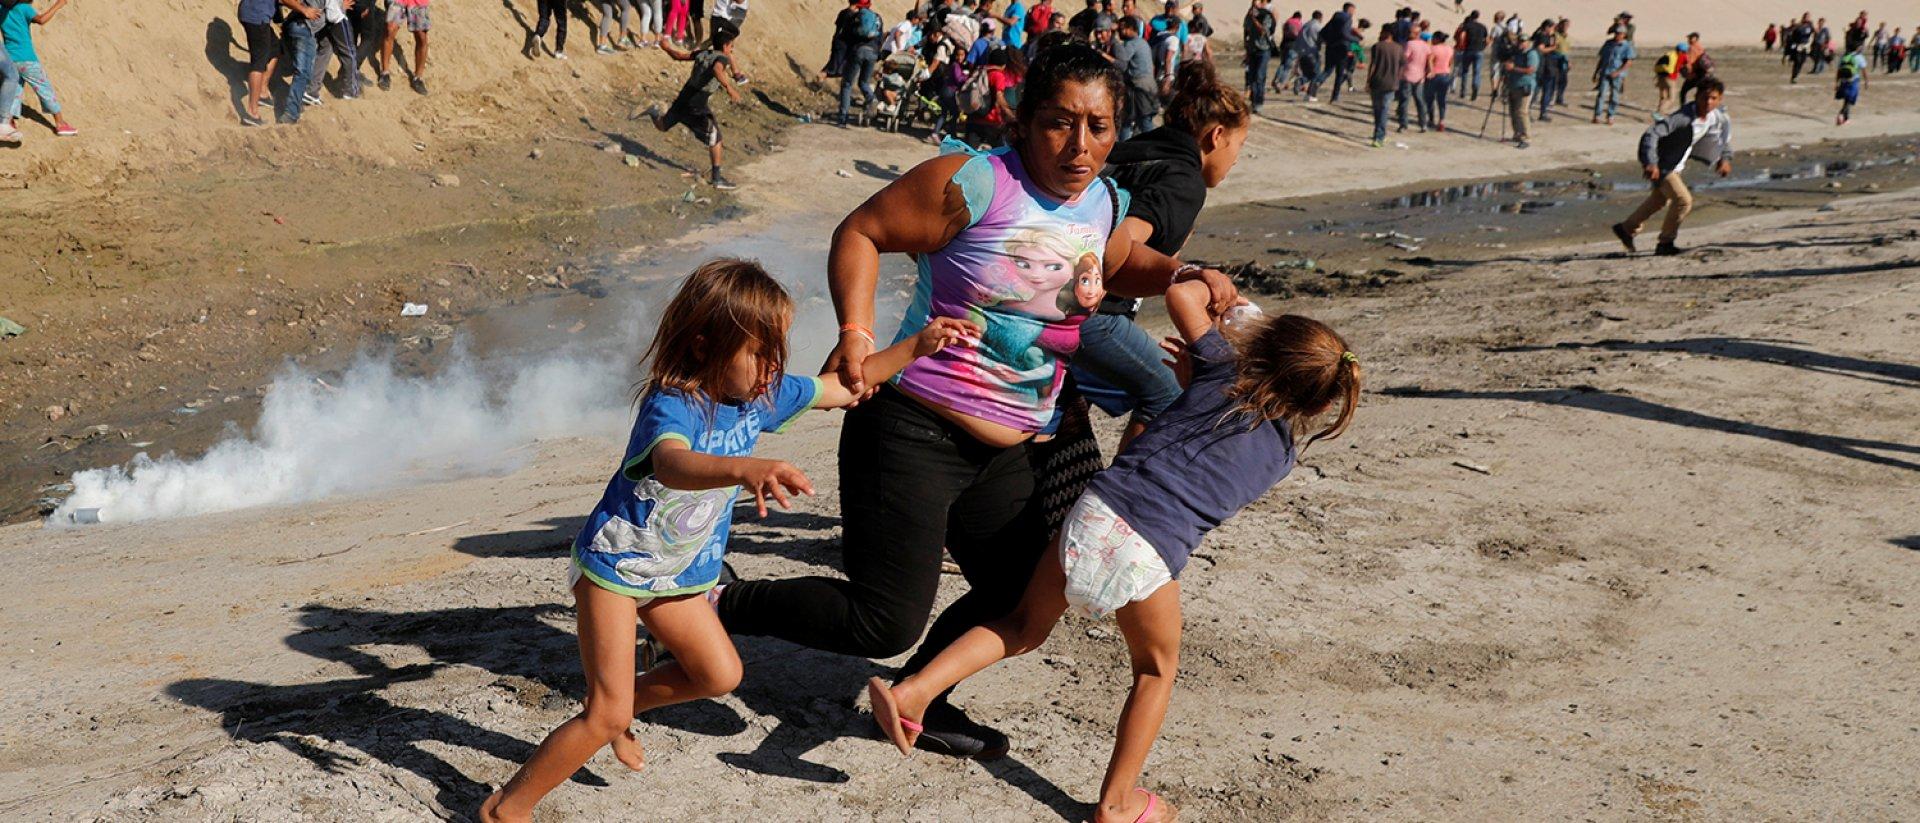 Advierten sobre tácticas riesgosas de inmigrantes para entrar a EE.UU.